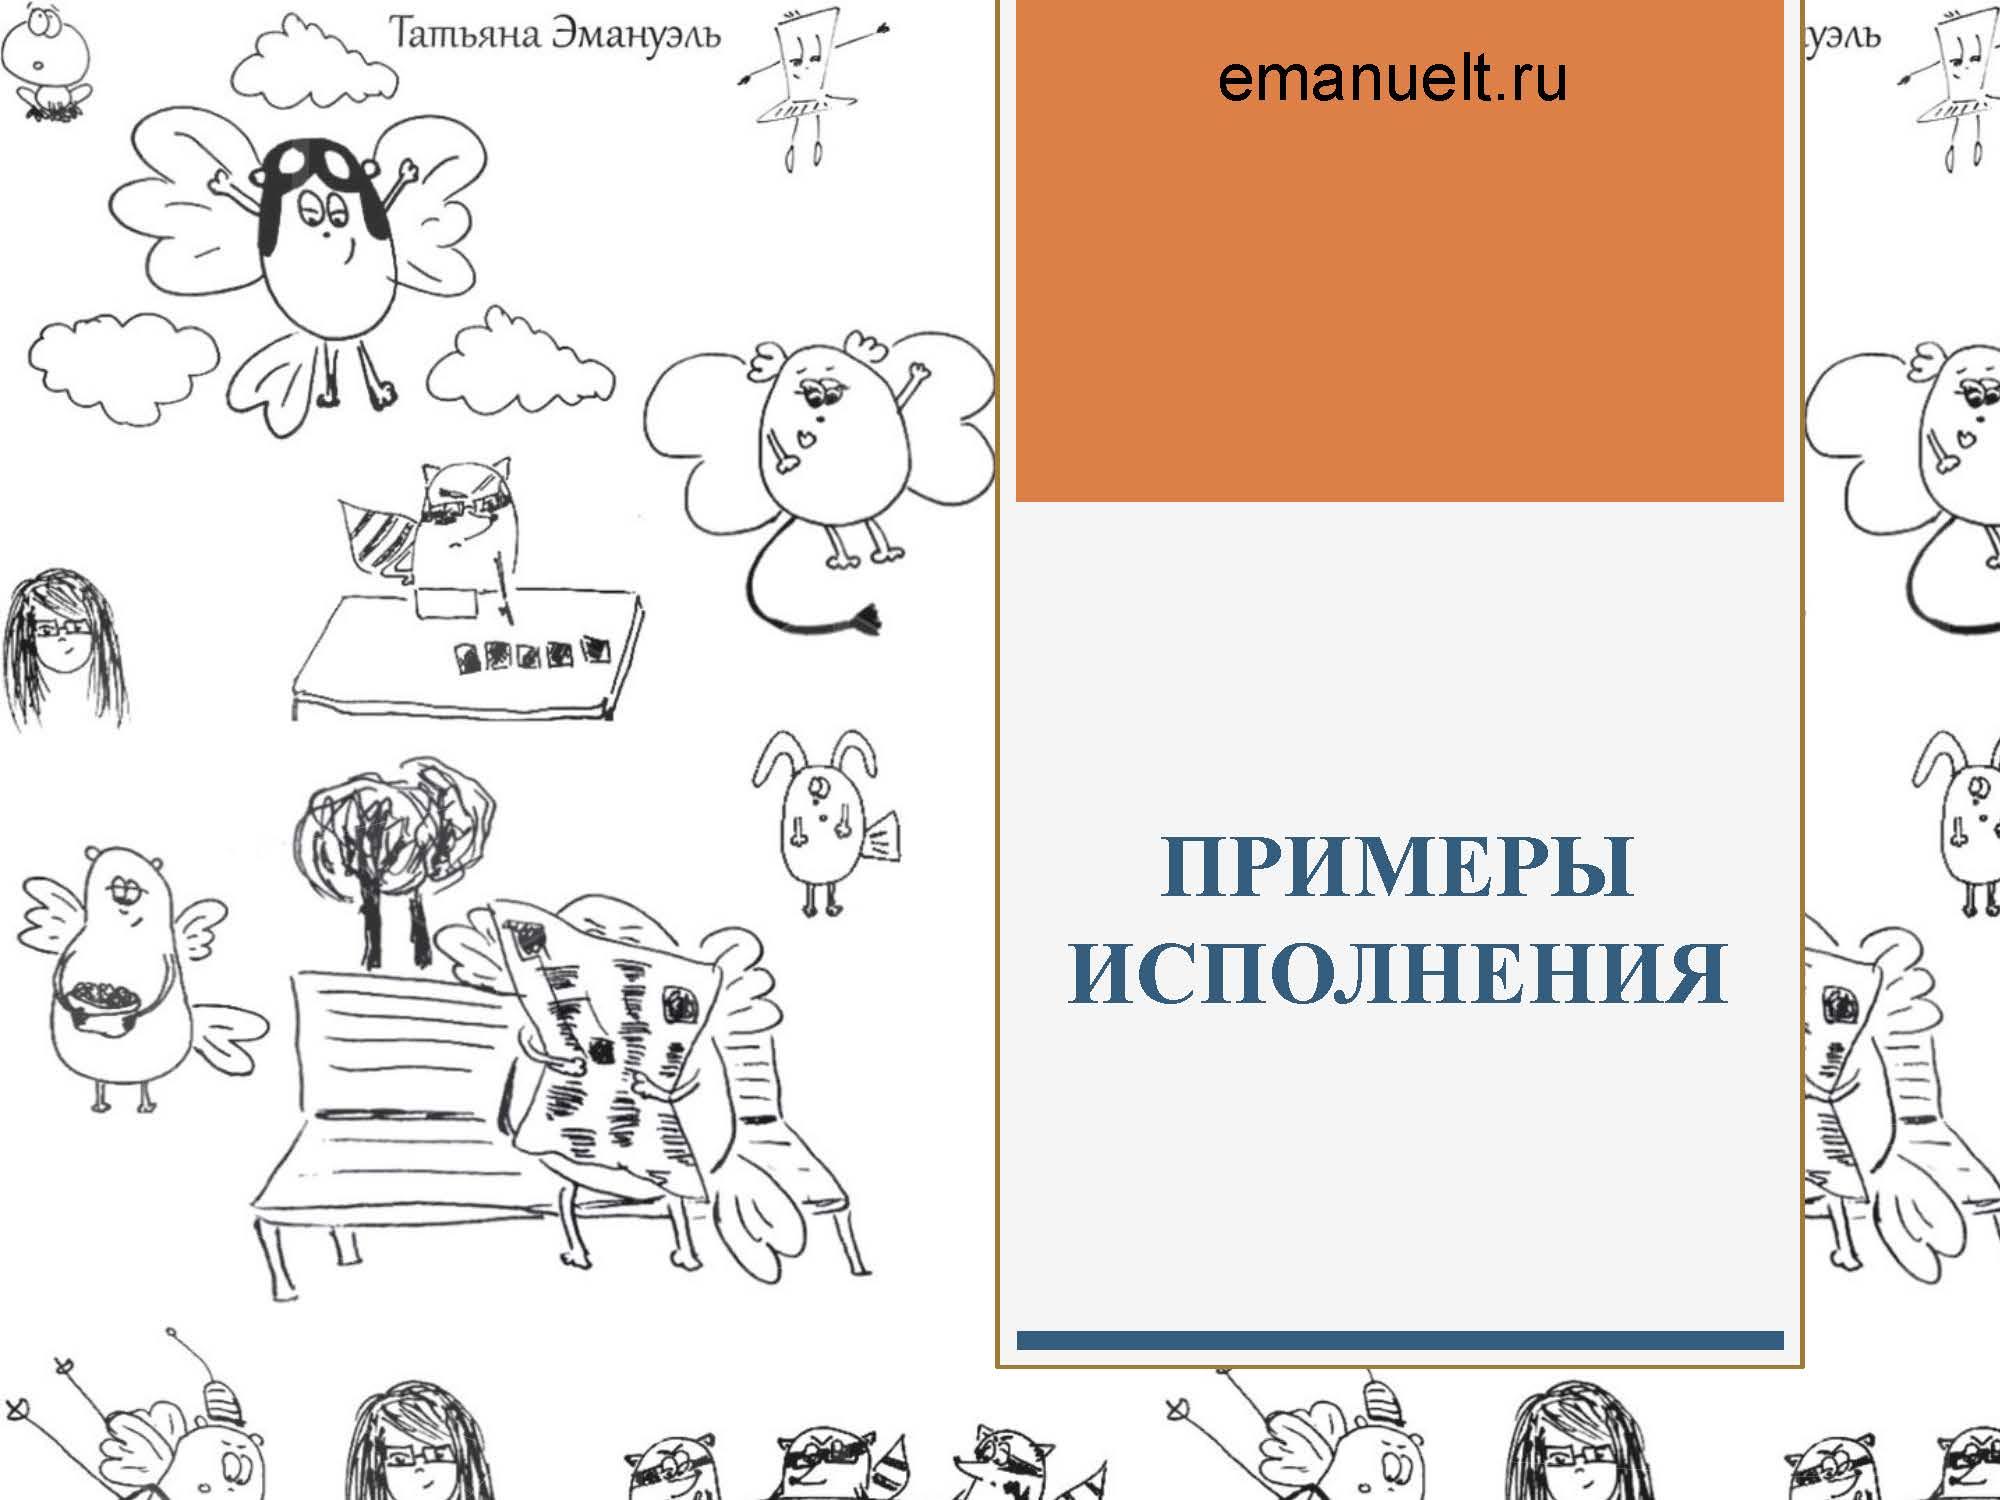 инфо_Страница_041